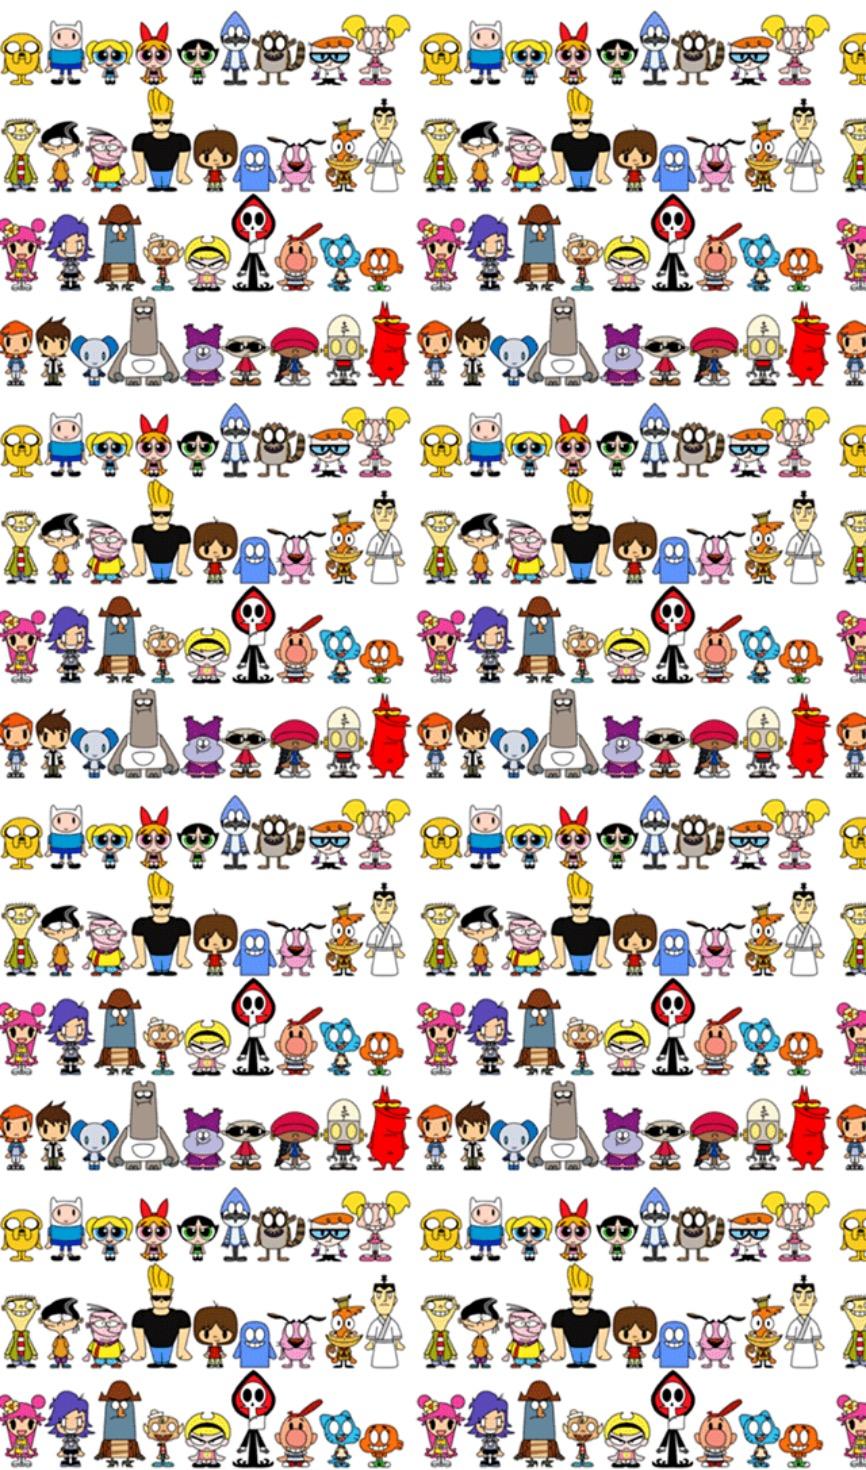 Ongekend Cartoon Network Characters - cartoon network foto (39762240) - fanpop GR-27